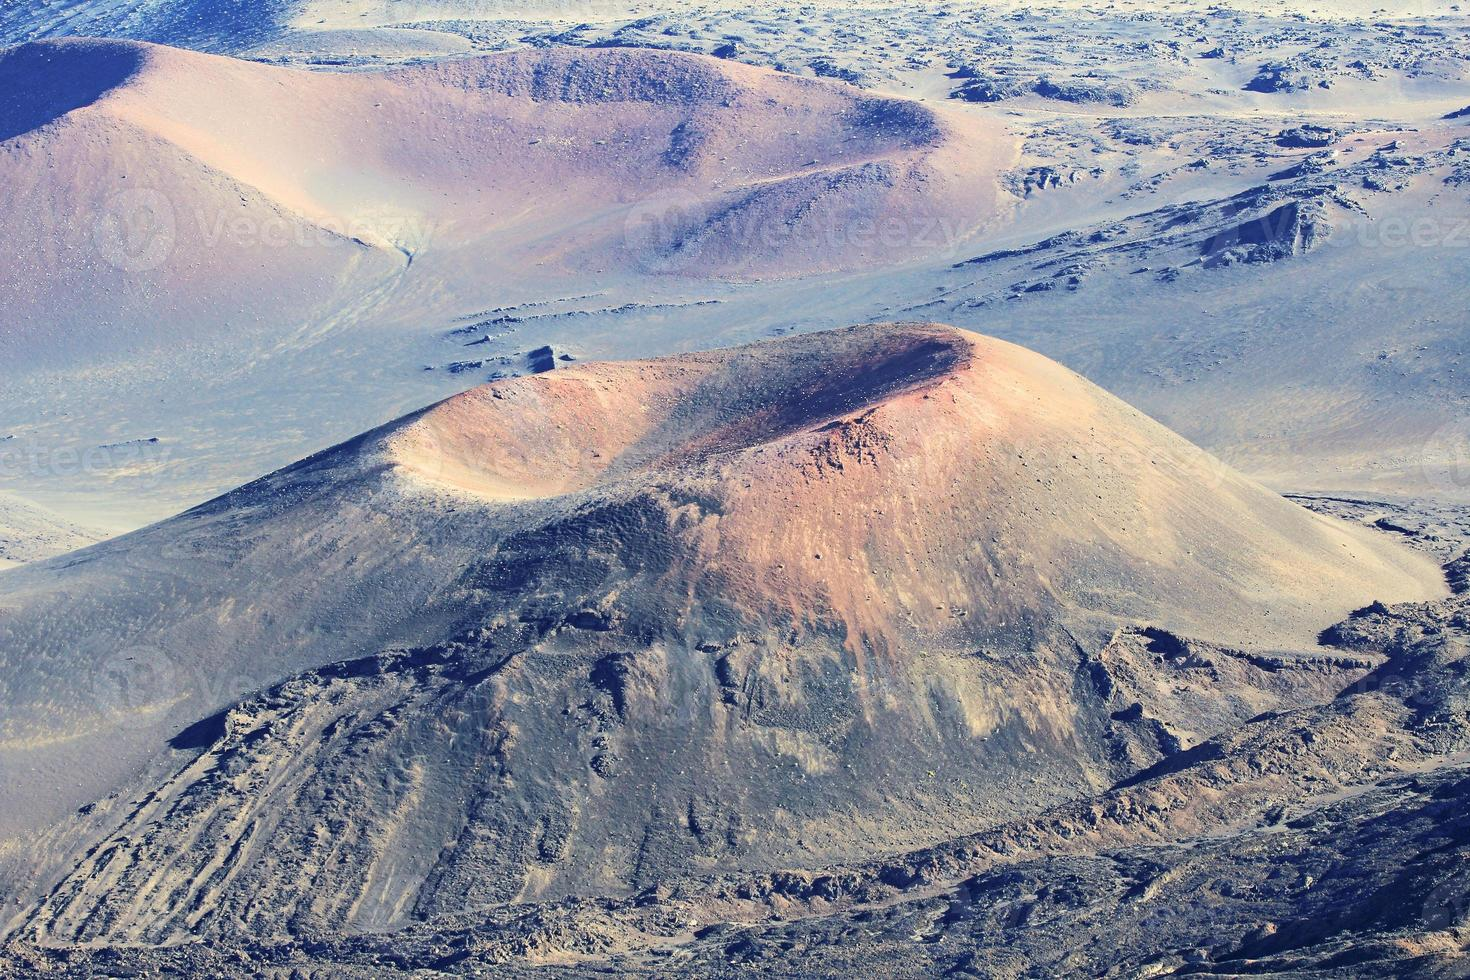 cratere eroso di kama olii foto